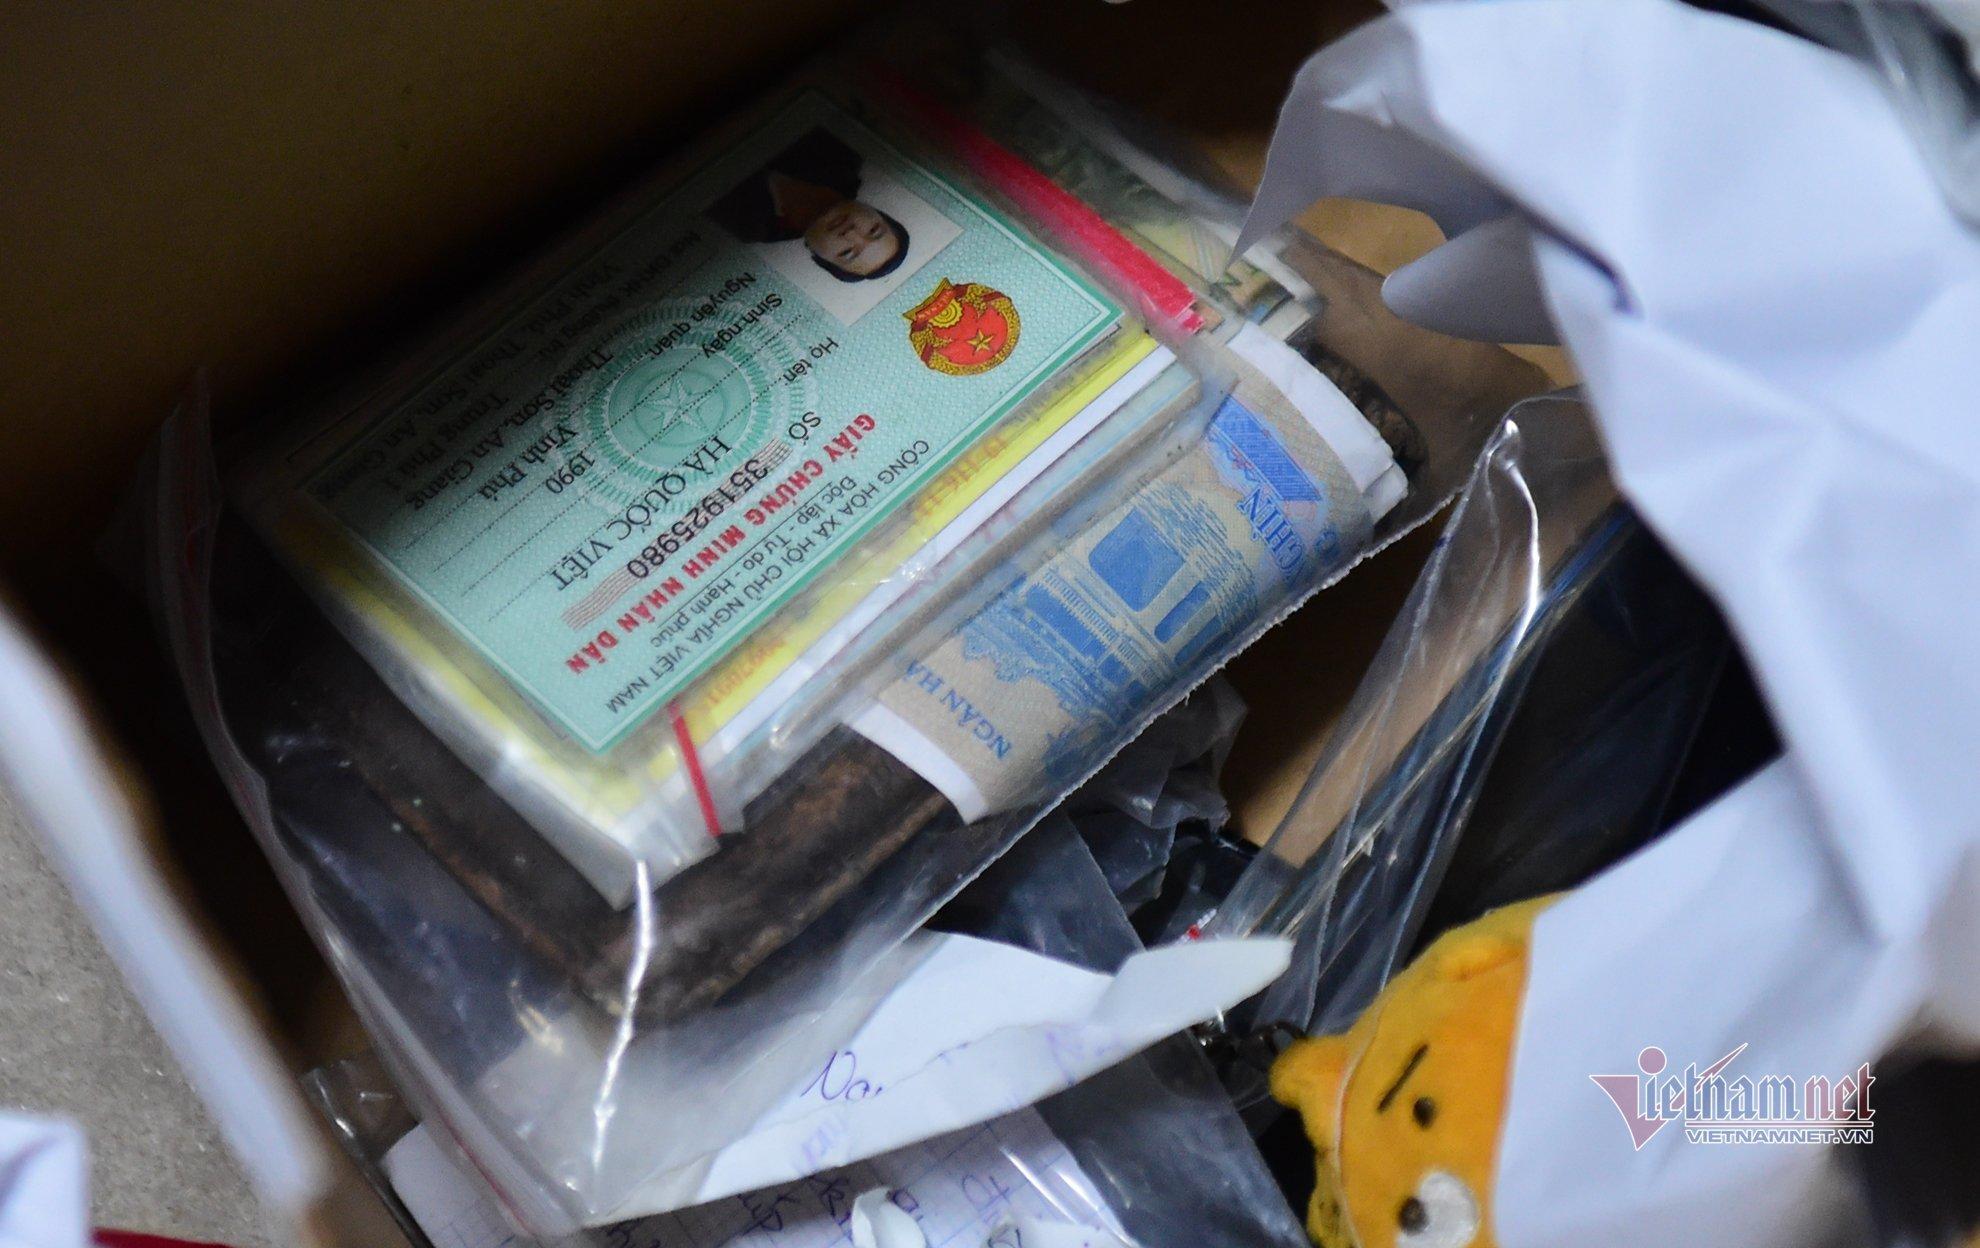 Trao kỷ vật của bệnh nhân Covid-19 đã mất cho người thân